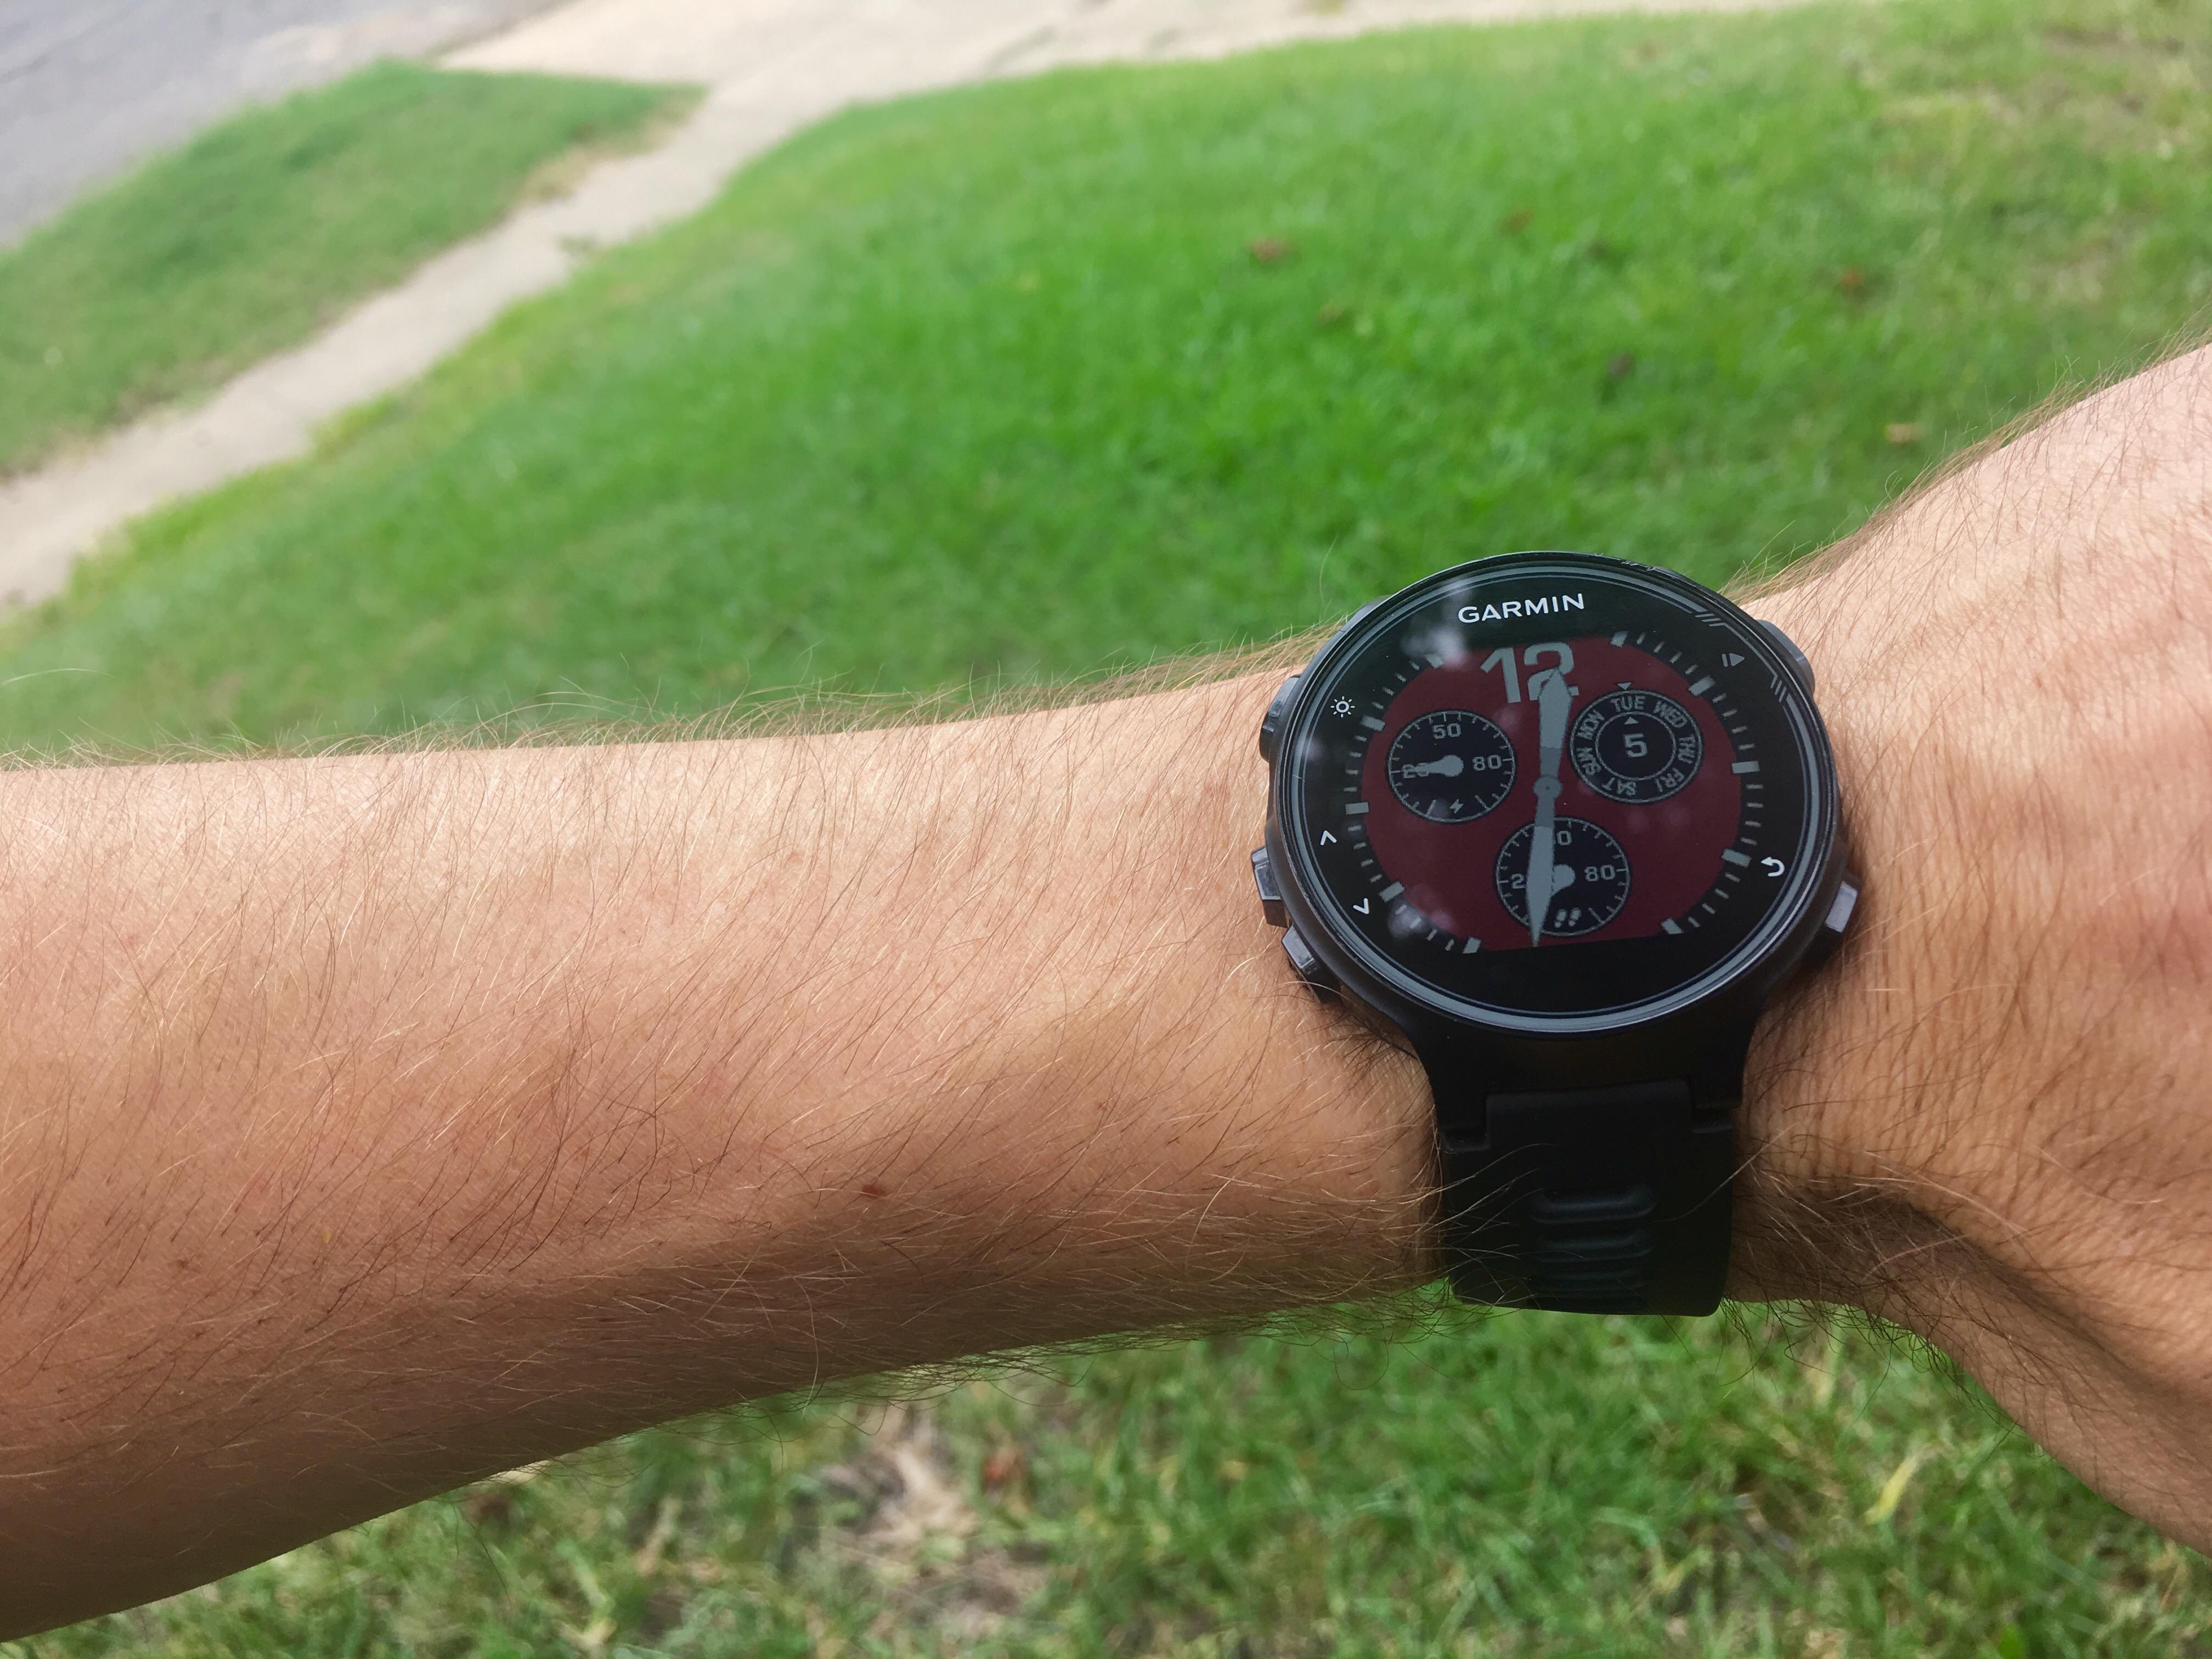 Garmin 735xt Gps Watch Review Long Run Life